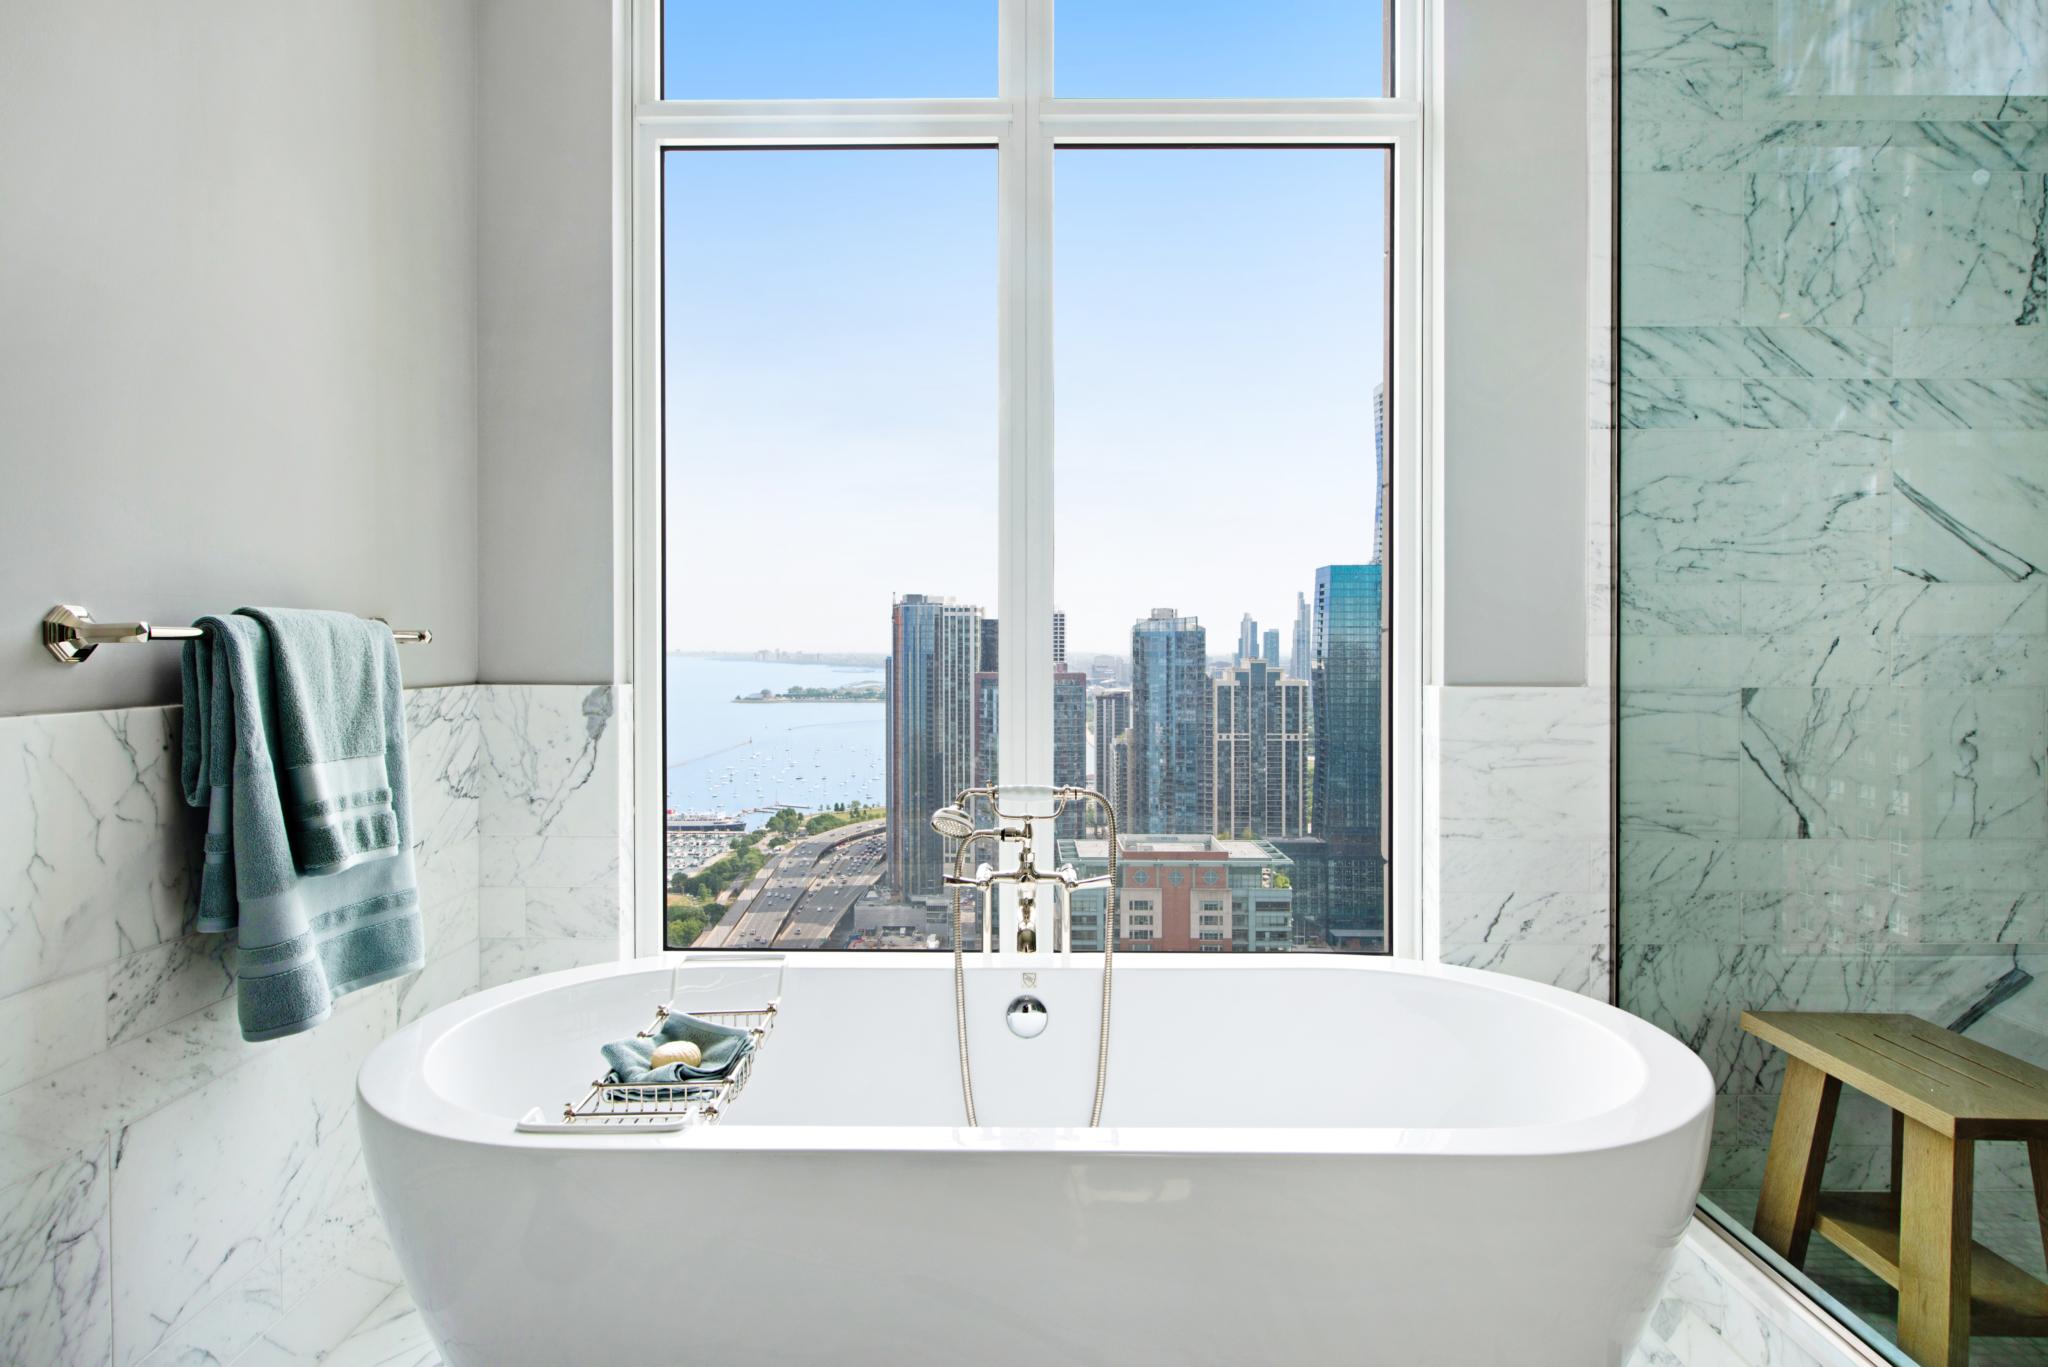 5-Master-Bathroom-Tub-scaled.jpg